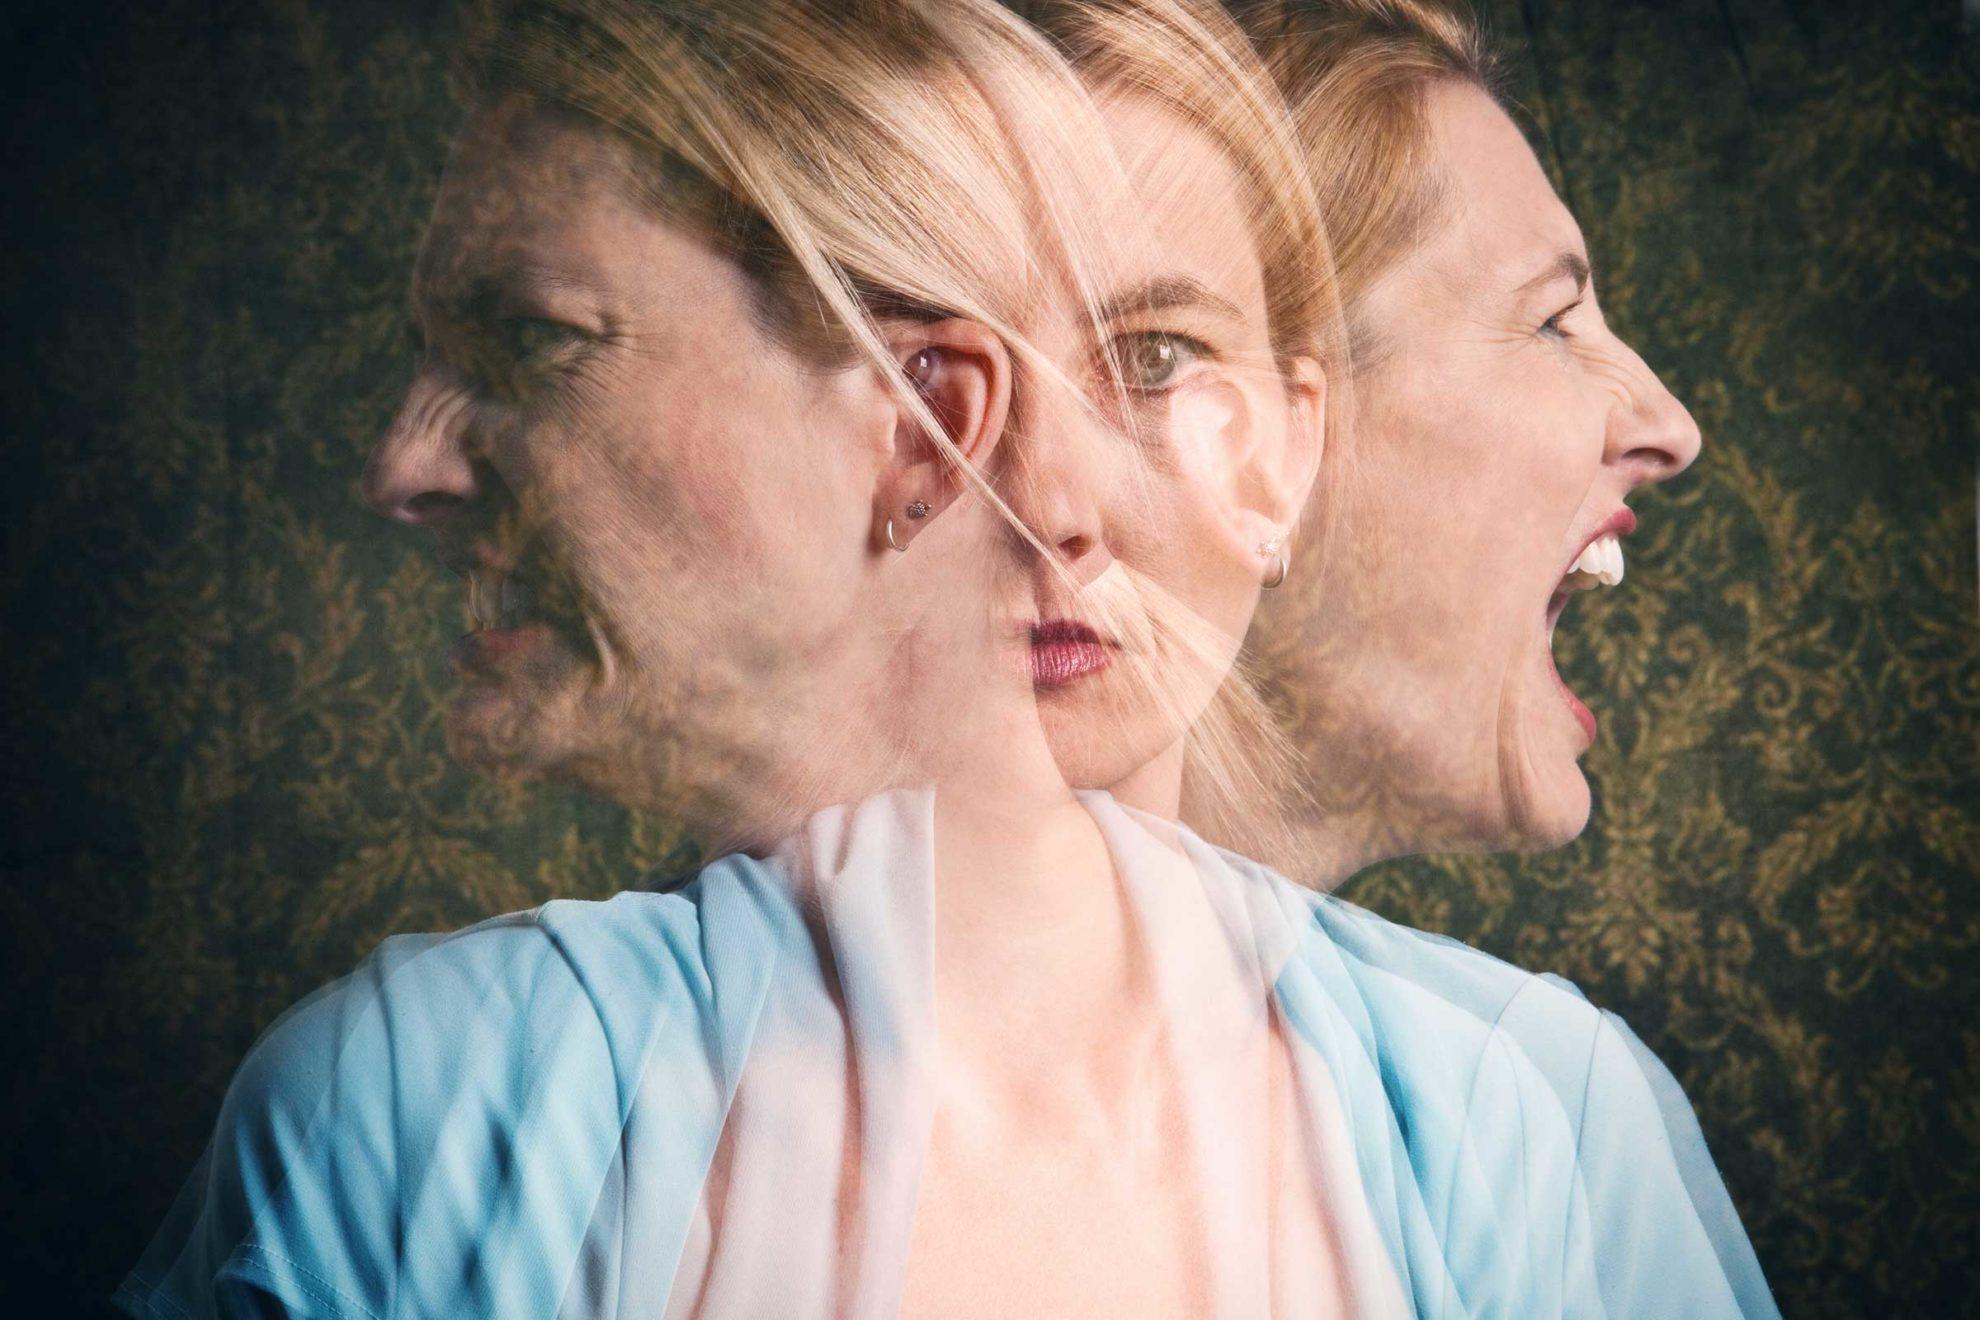 Синдром стендаля: что это такое, с чем связаны галлюцинации, как лечить это заболевание